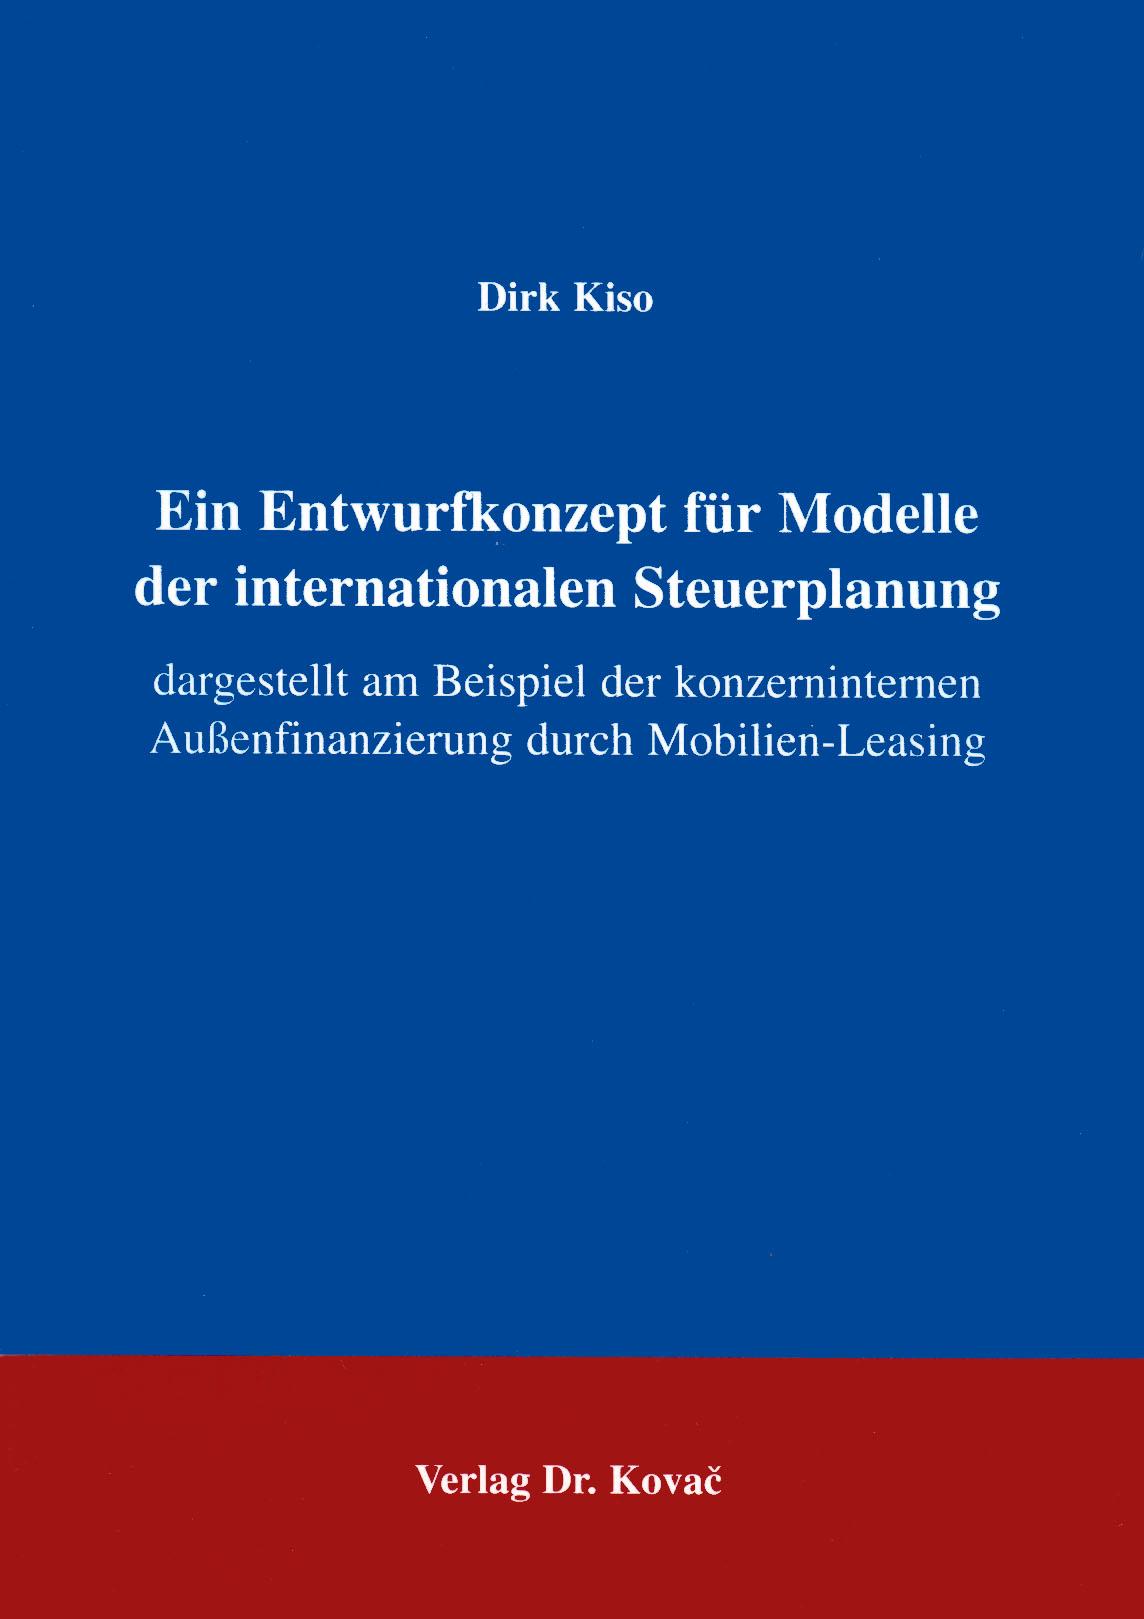 Cover: Ein Entwurfskonzept für Modelle der internationalen Steuerplanung